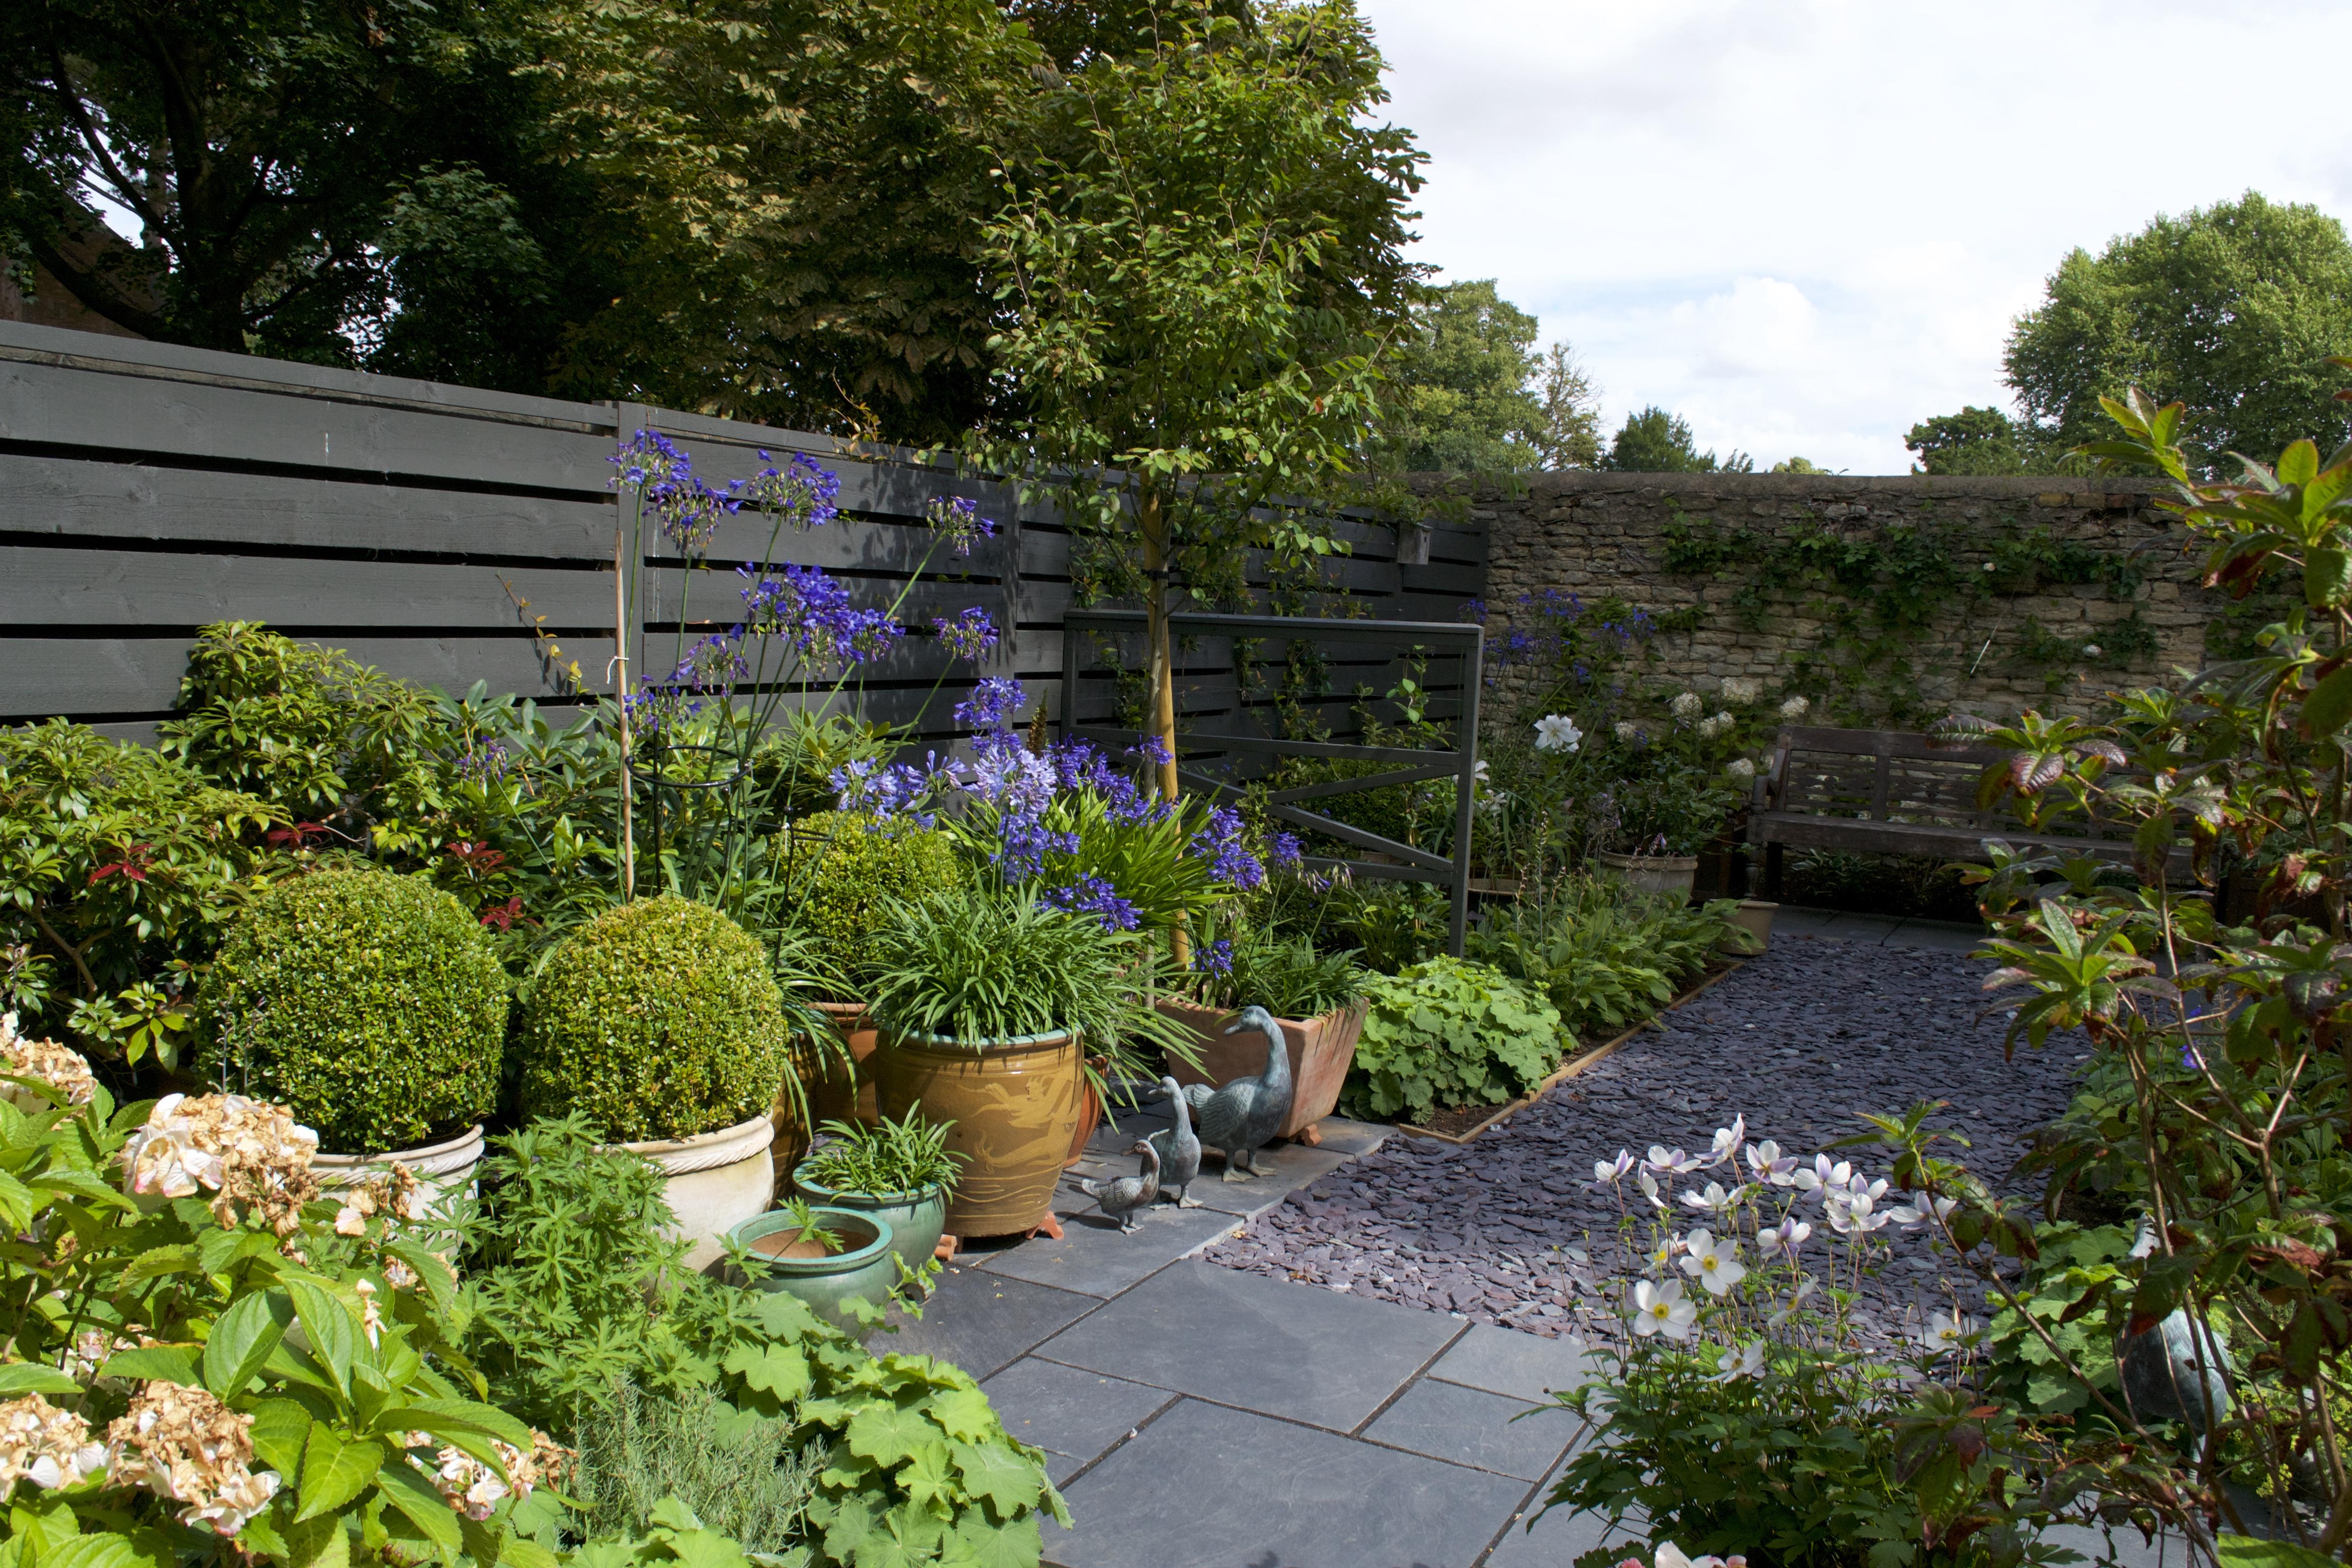 Small Town Garden Design - Oxford - Oxford Garden Design